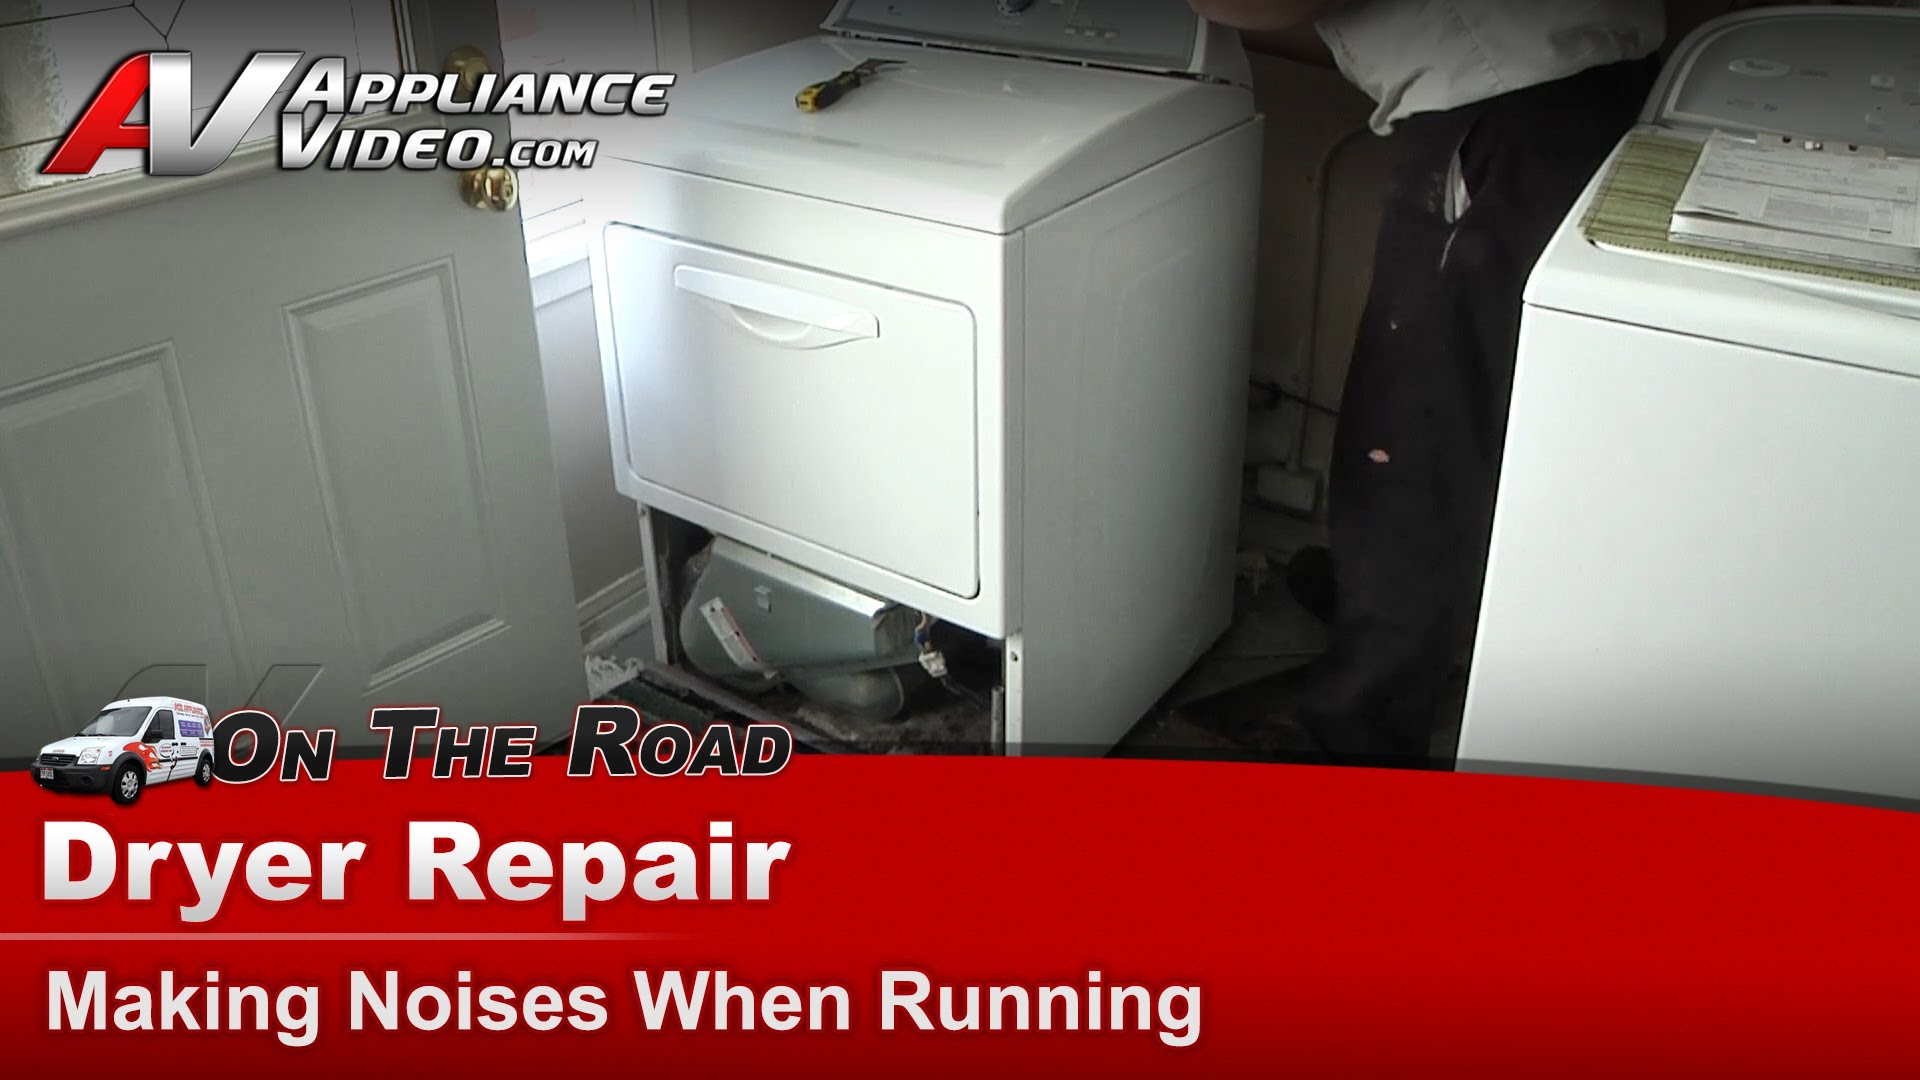 Whirlpool Wed5500xw0 Dryer Repair Making Noises When